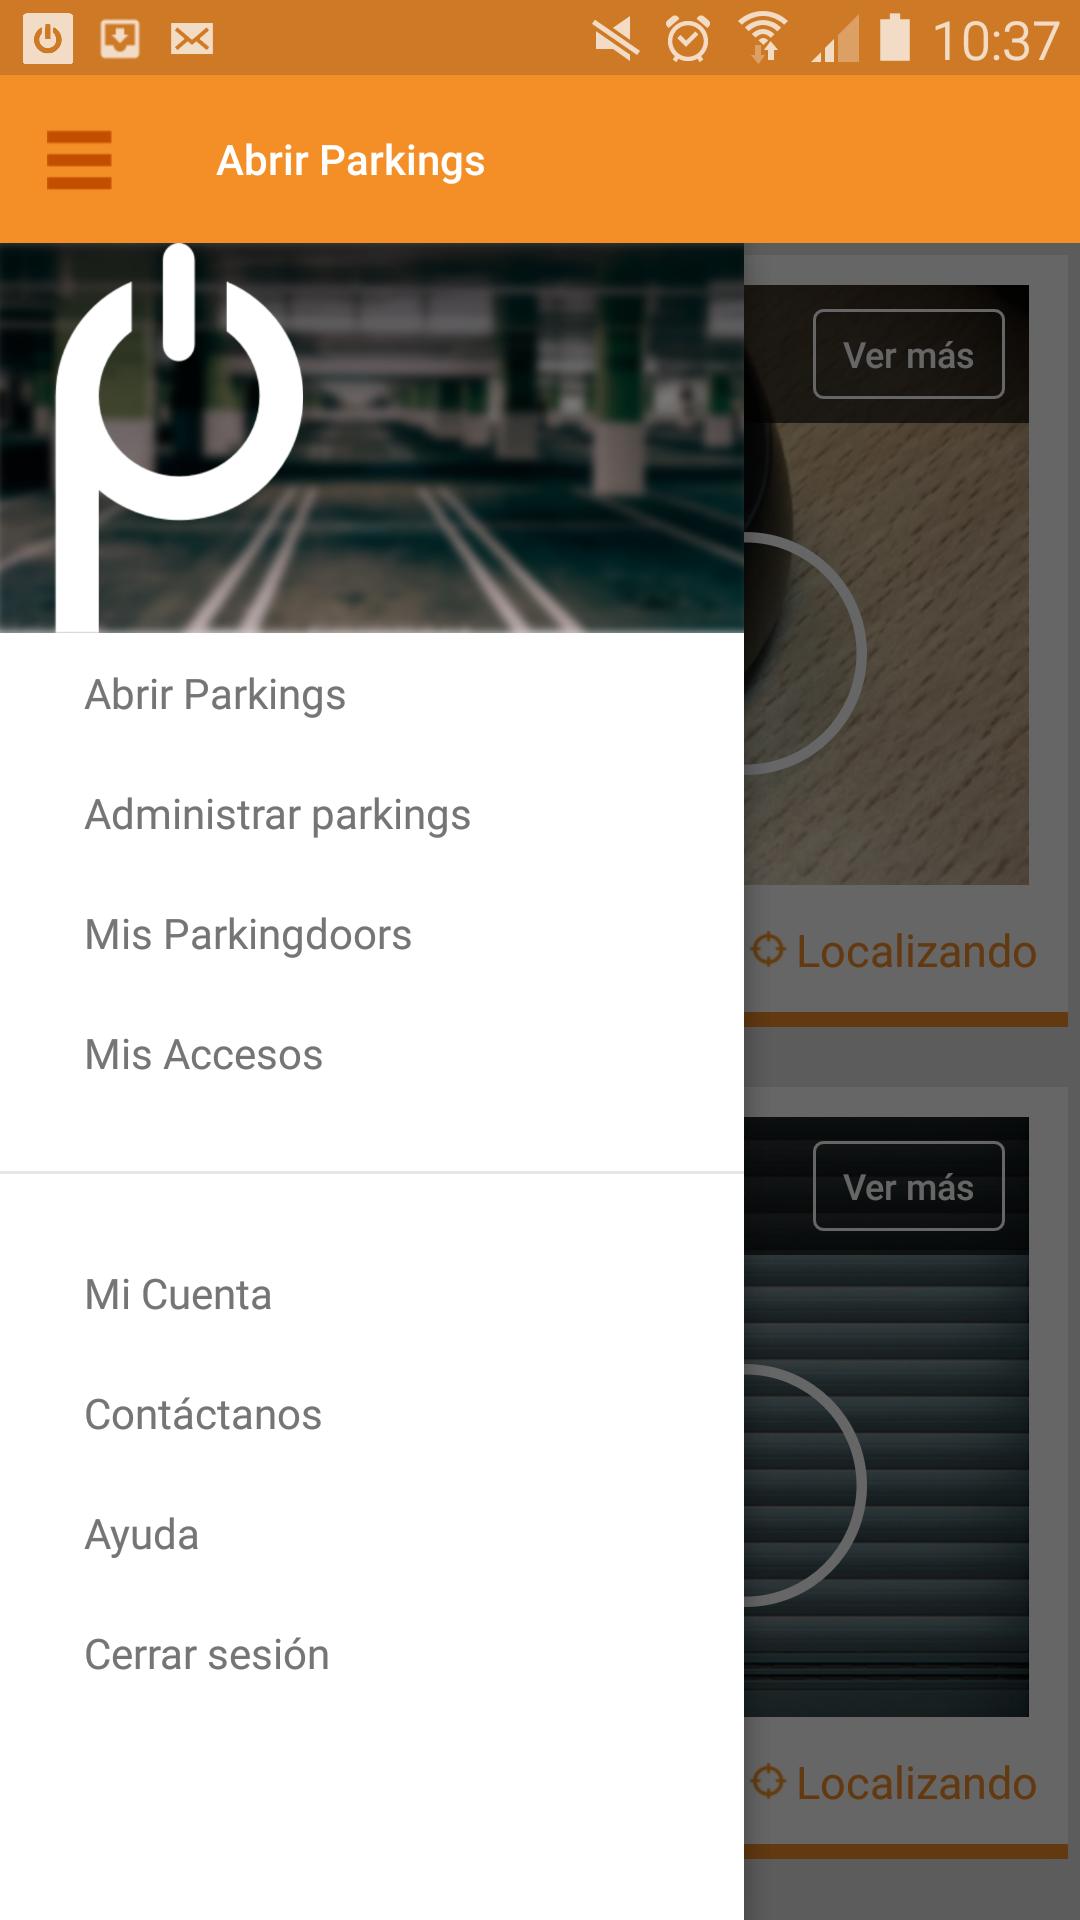 Administrar Parkings. Como eliminar los permisos de un invitado en Parkingdoor.